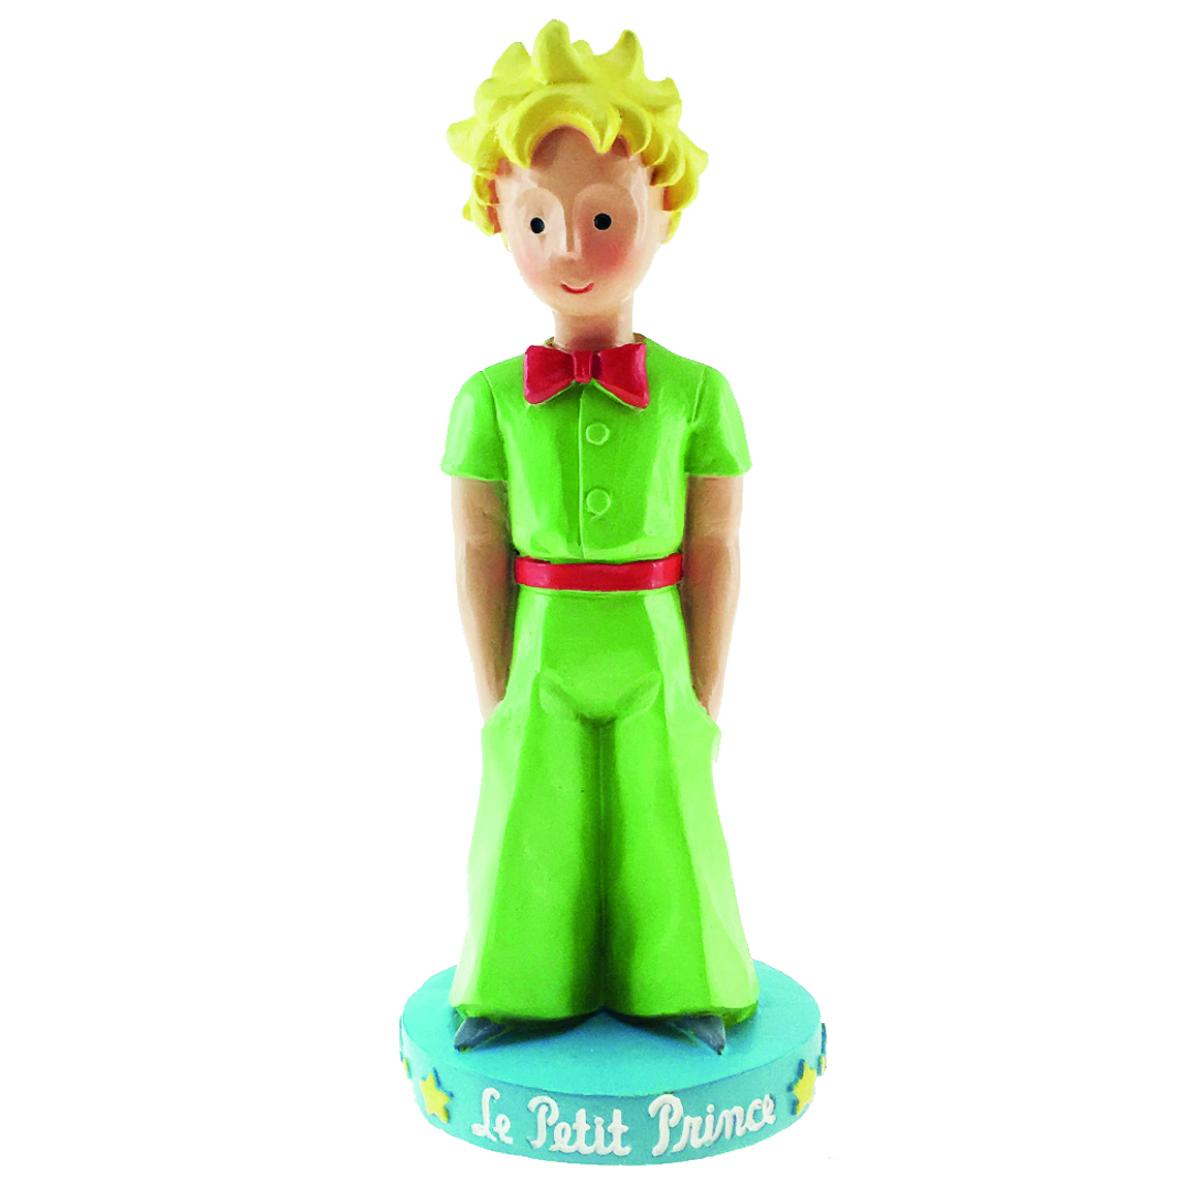 Figurine créateur \'Le Petit Prince\' vert - 12x4x3 cm - [Q8319]